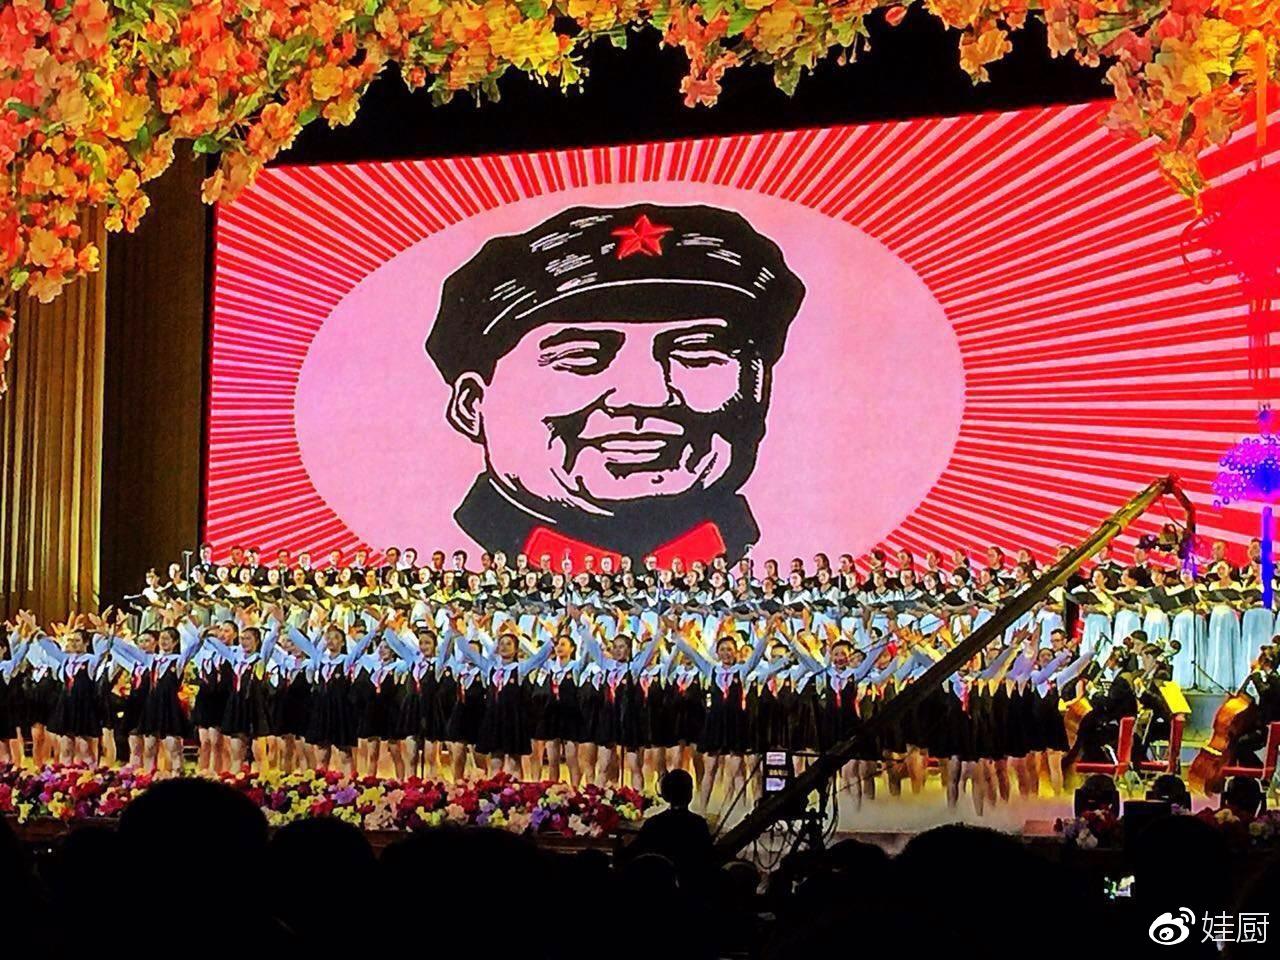 大屏幕展现主席像章里的经典图案